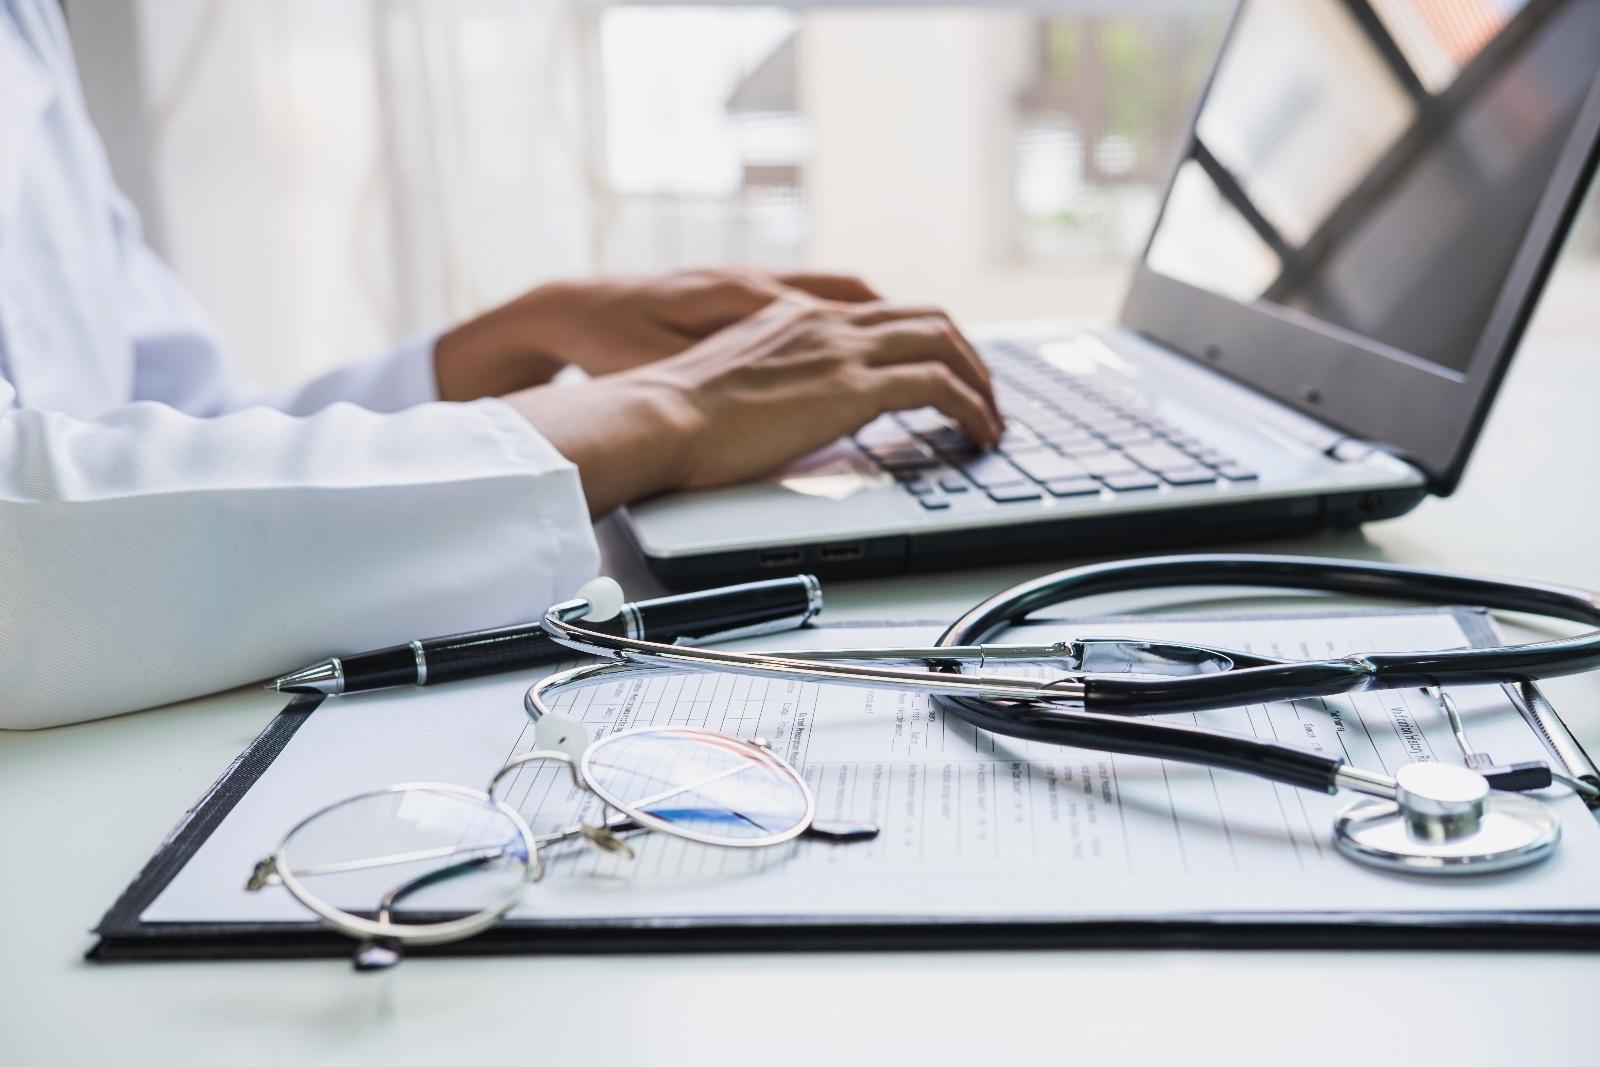 Lääkäri kirjoittaa tietokoneella